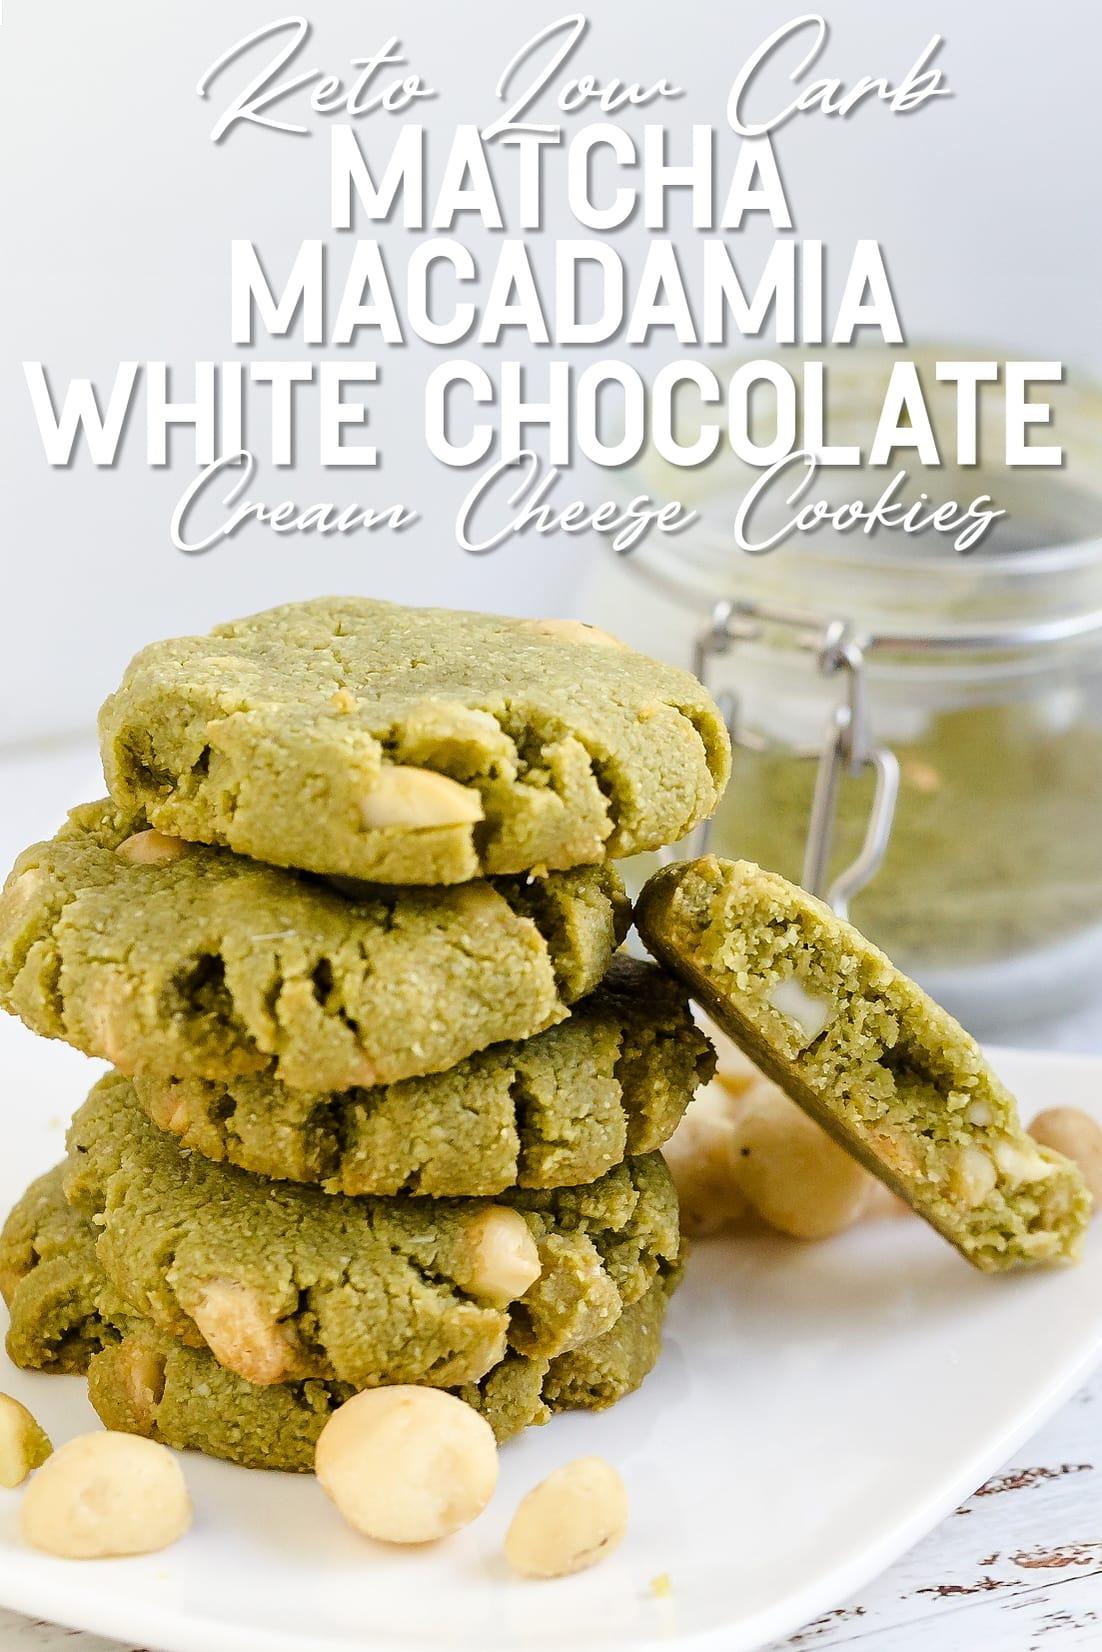 Matcha Cream Cheese Macadamia White Chocolate Chip Cookies broken apart